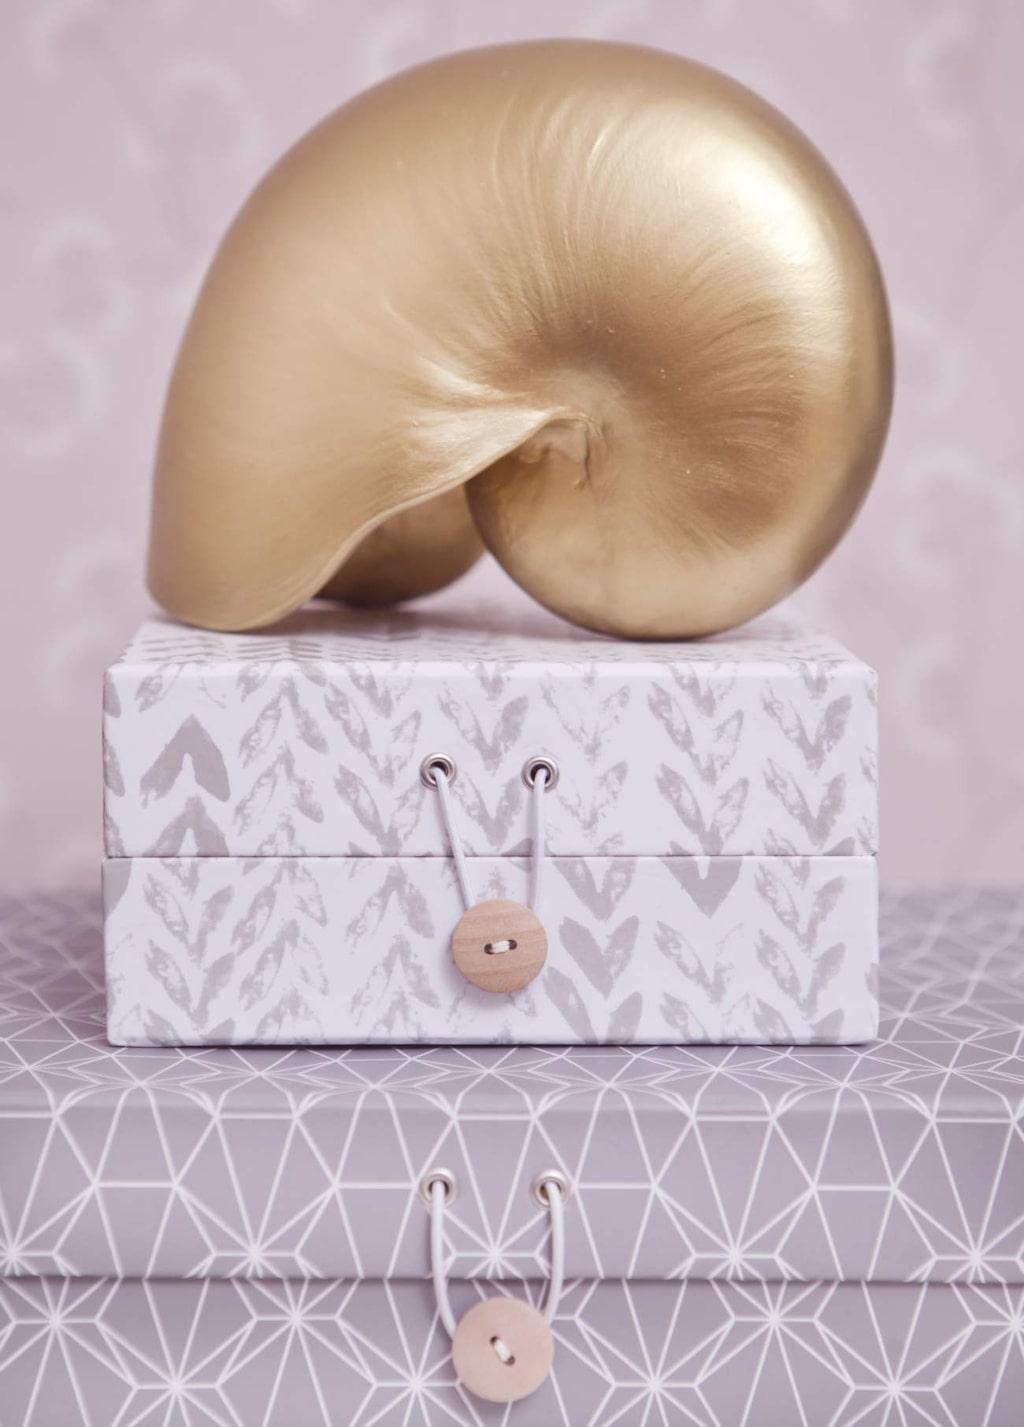 Förvaring. Boxar av papper, 79-129 kronor, Hemtex. Snäcka av keramik, 450 kronor, Atélje Alt.